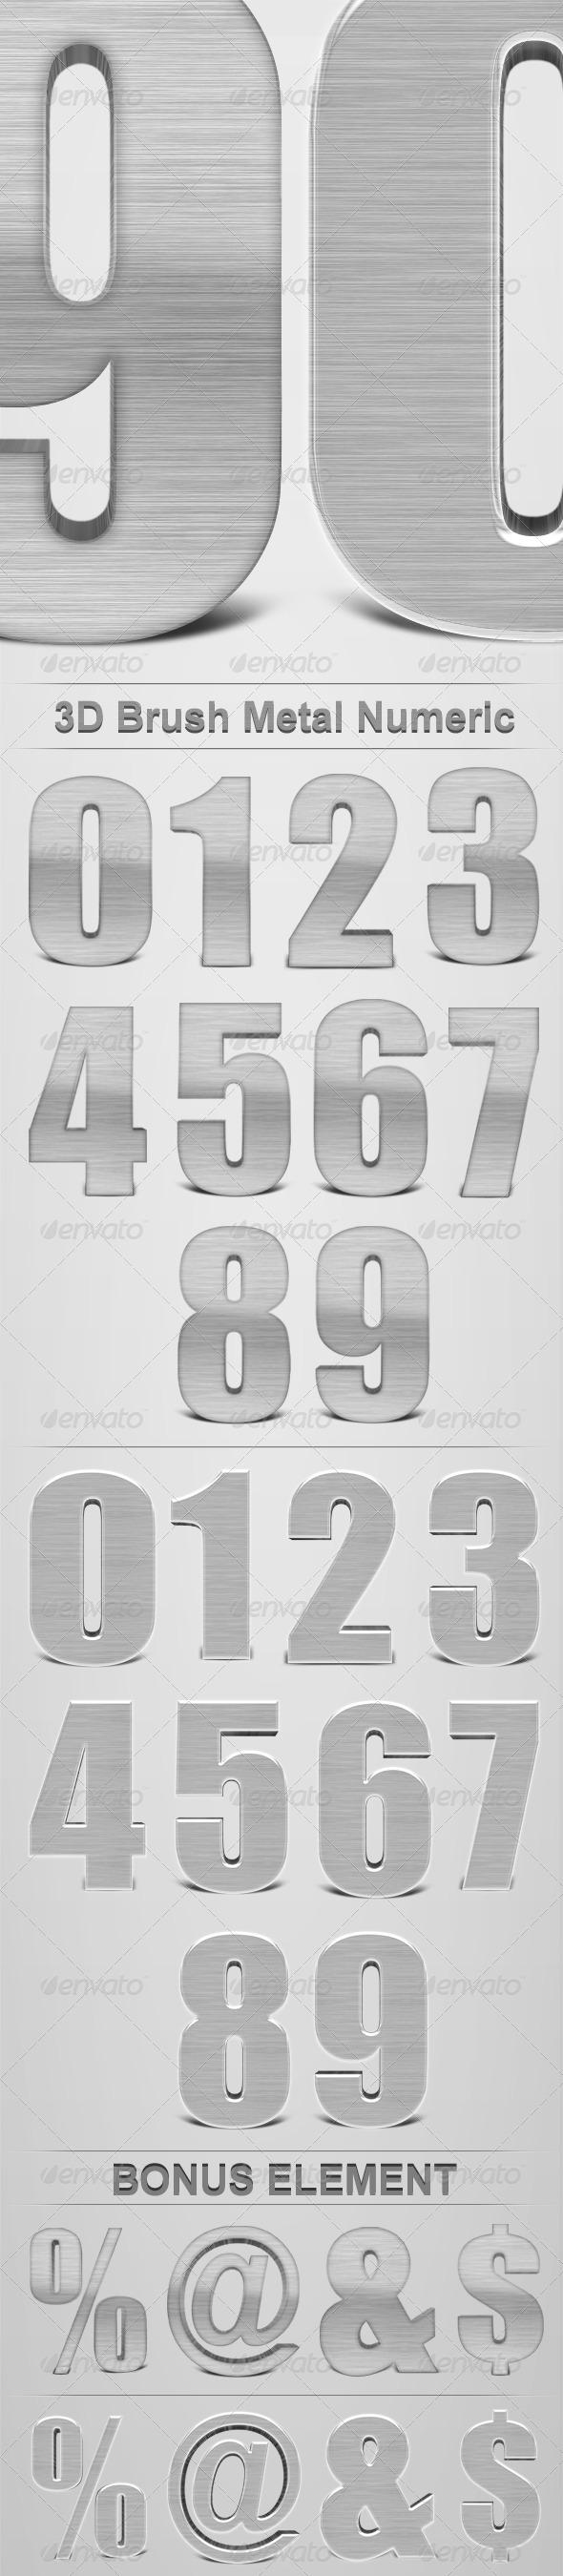 GraphicRiver 3D Brush Metal Numeric 164162